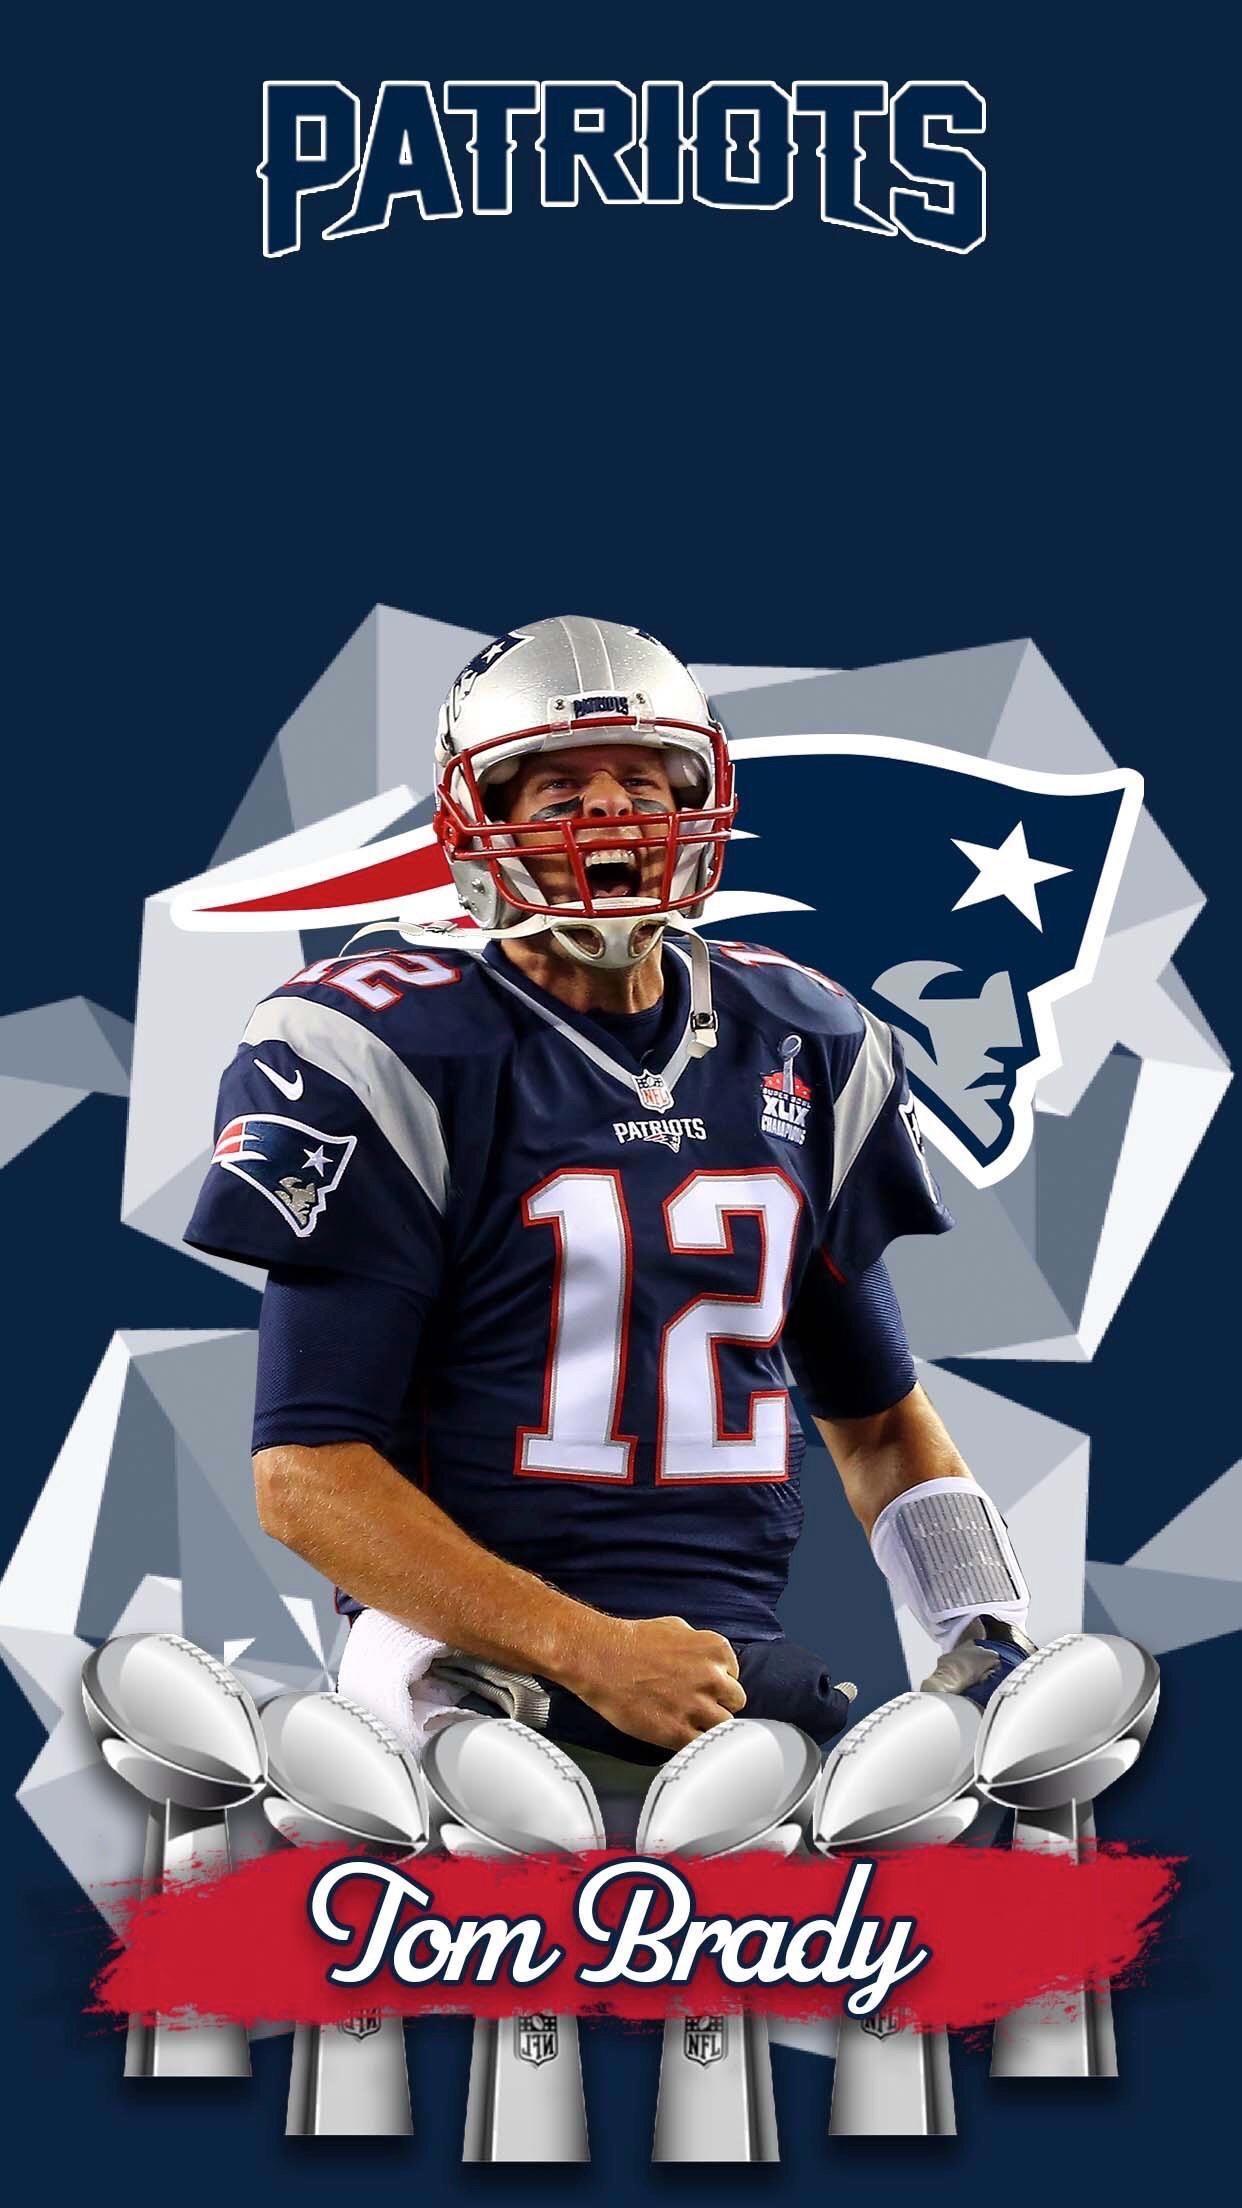 Patriots Wallpaper Tom Brady - 1242x2208 Wallpaper - teahub.io